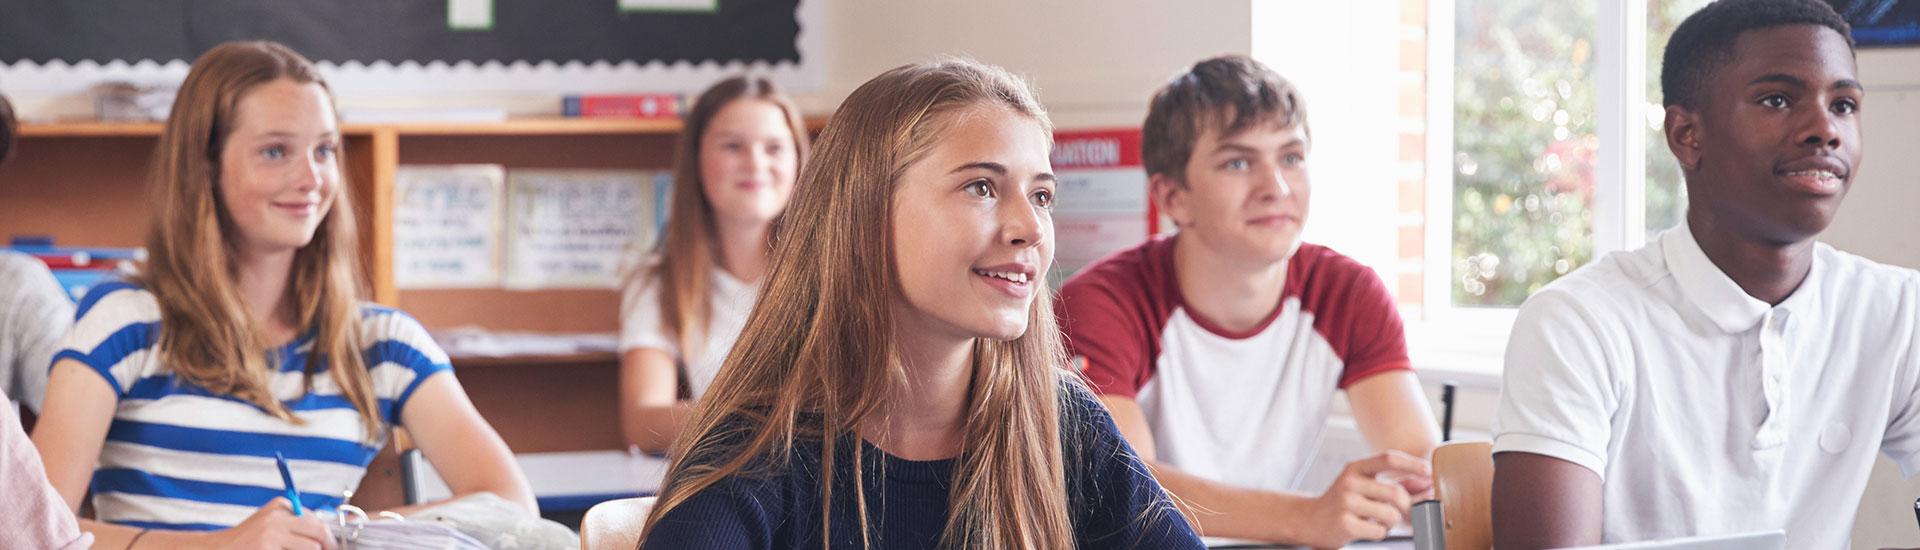 classroom assessment edtech edmentum international study island